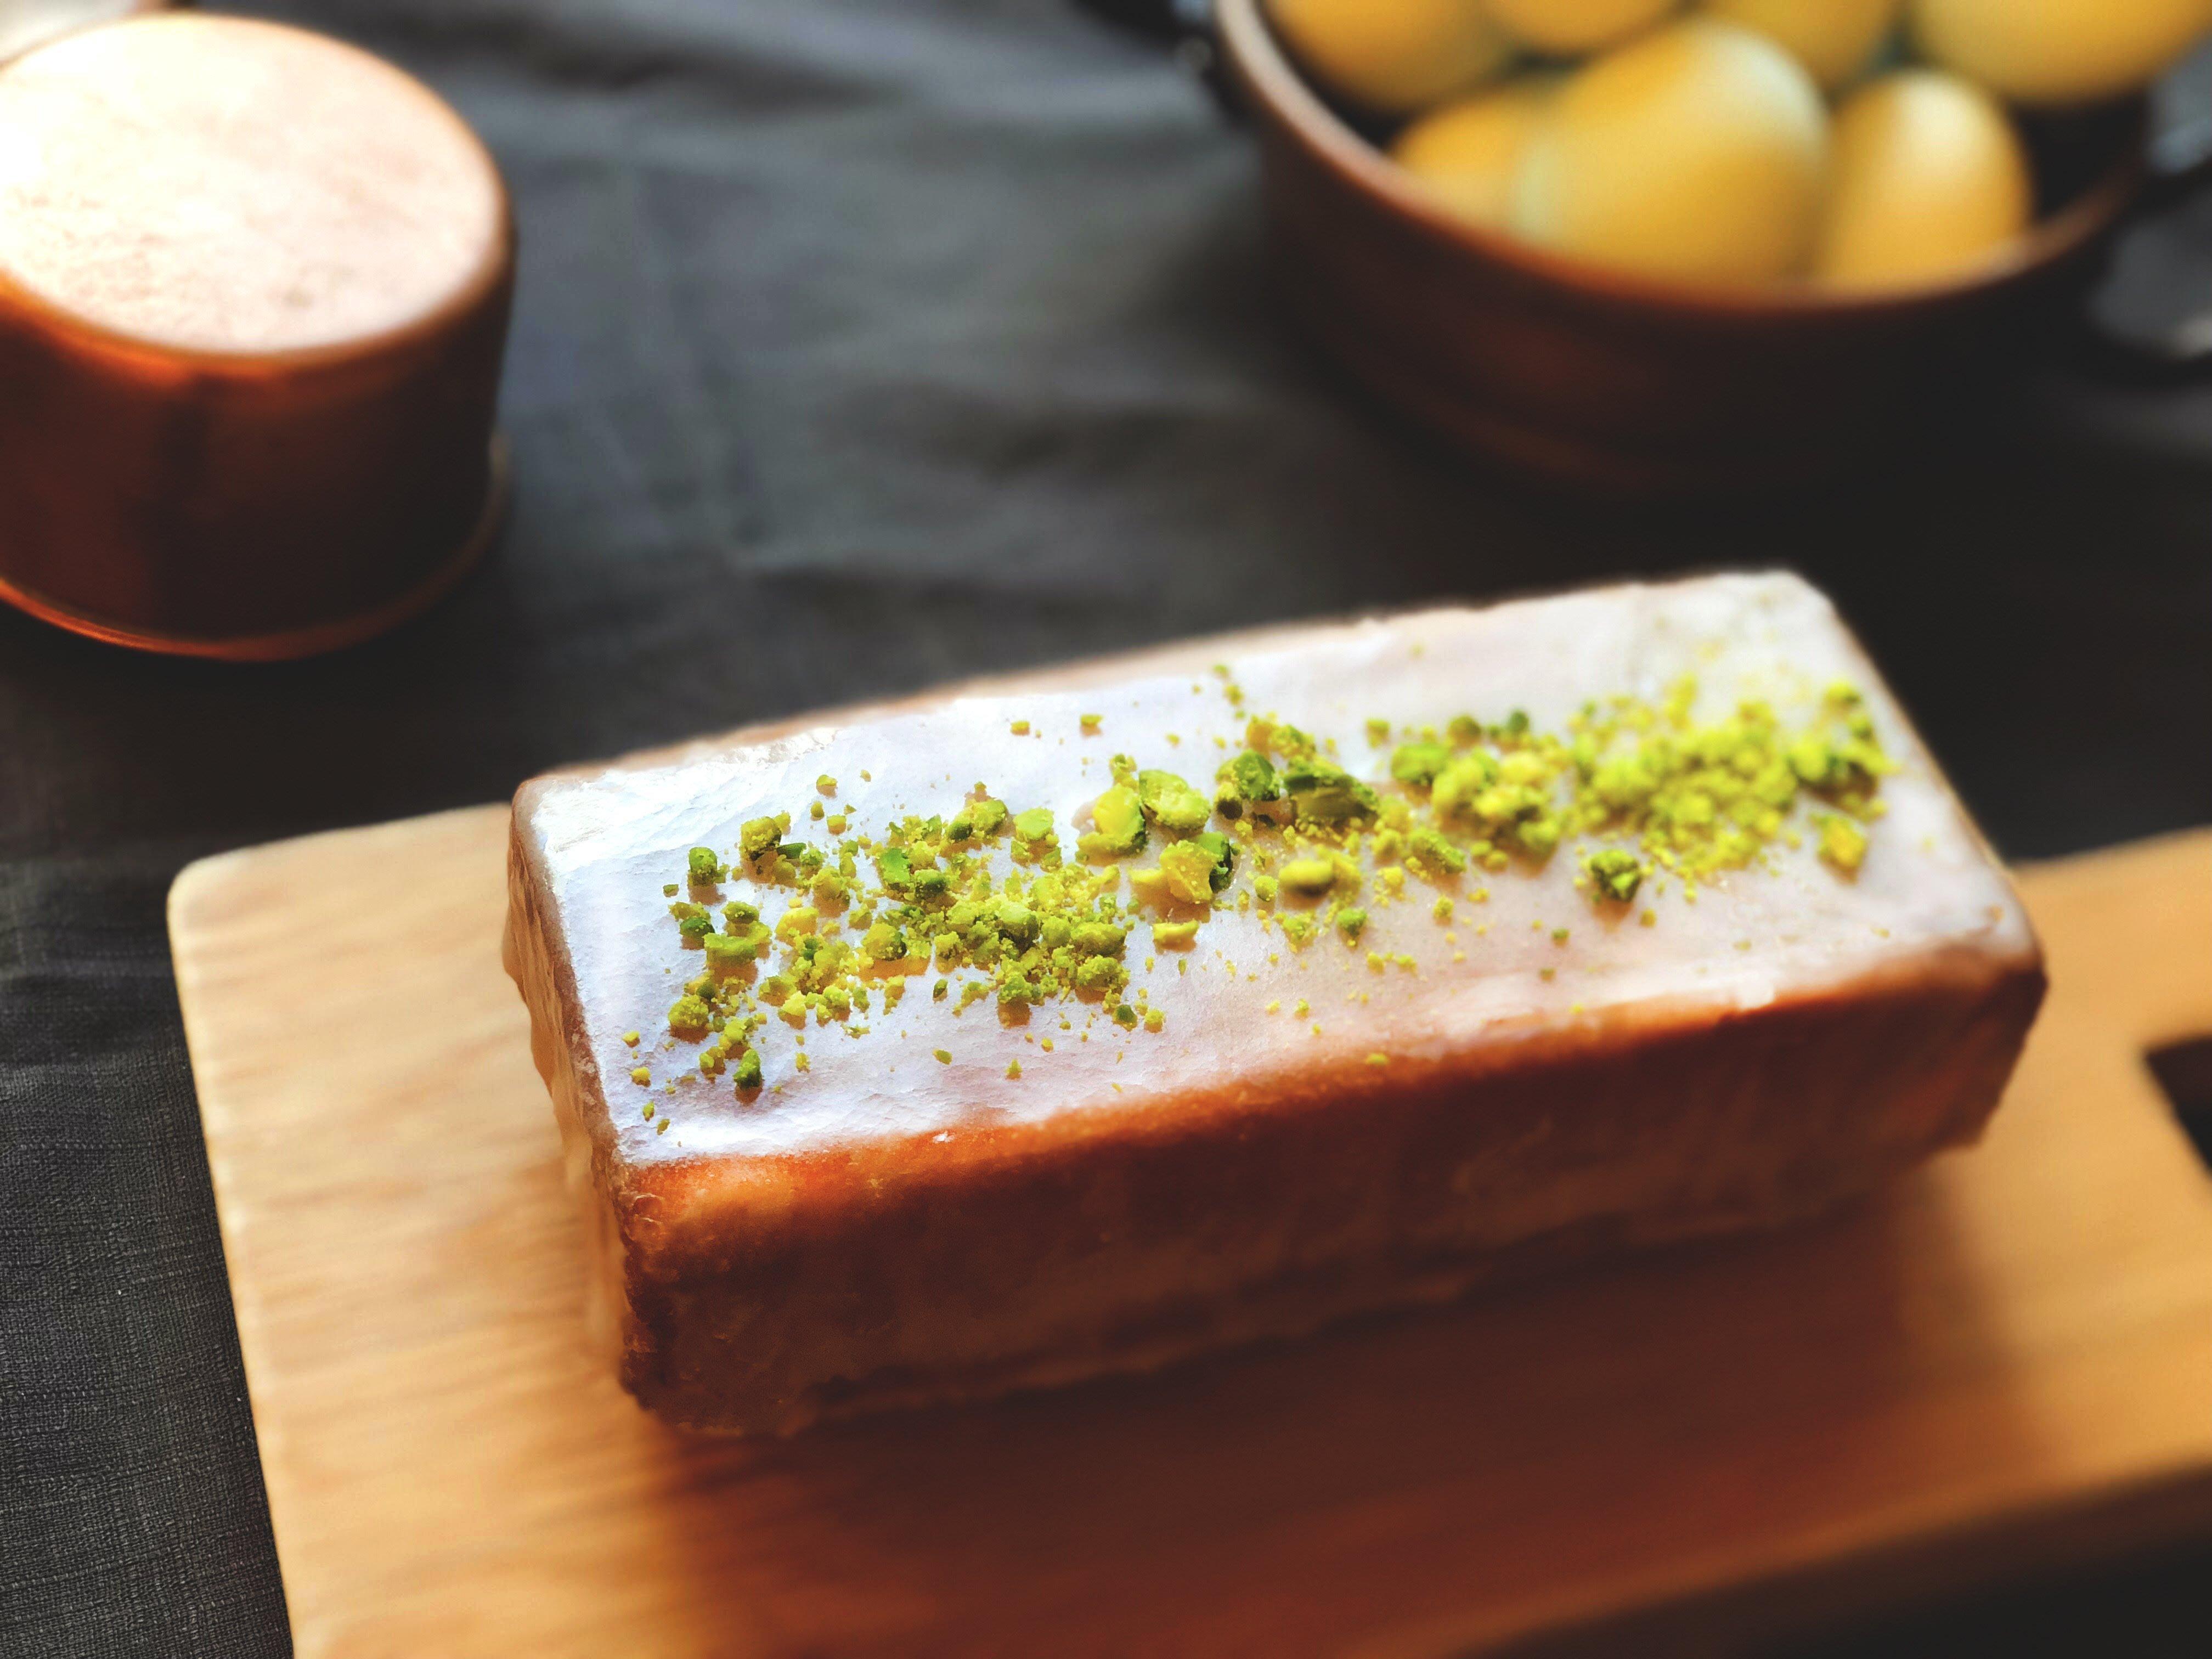 檸檬開心果週末蛋糕 Lemon Pistachio Cake